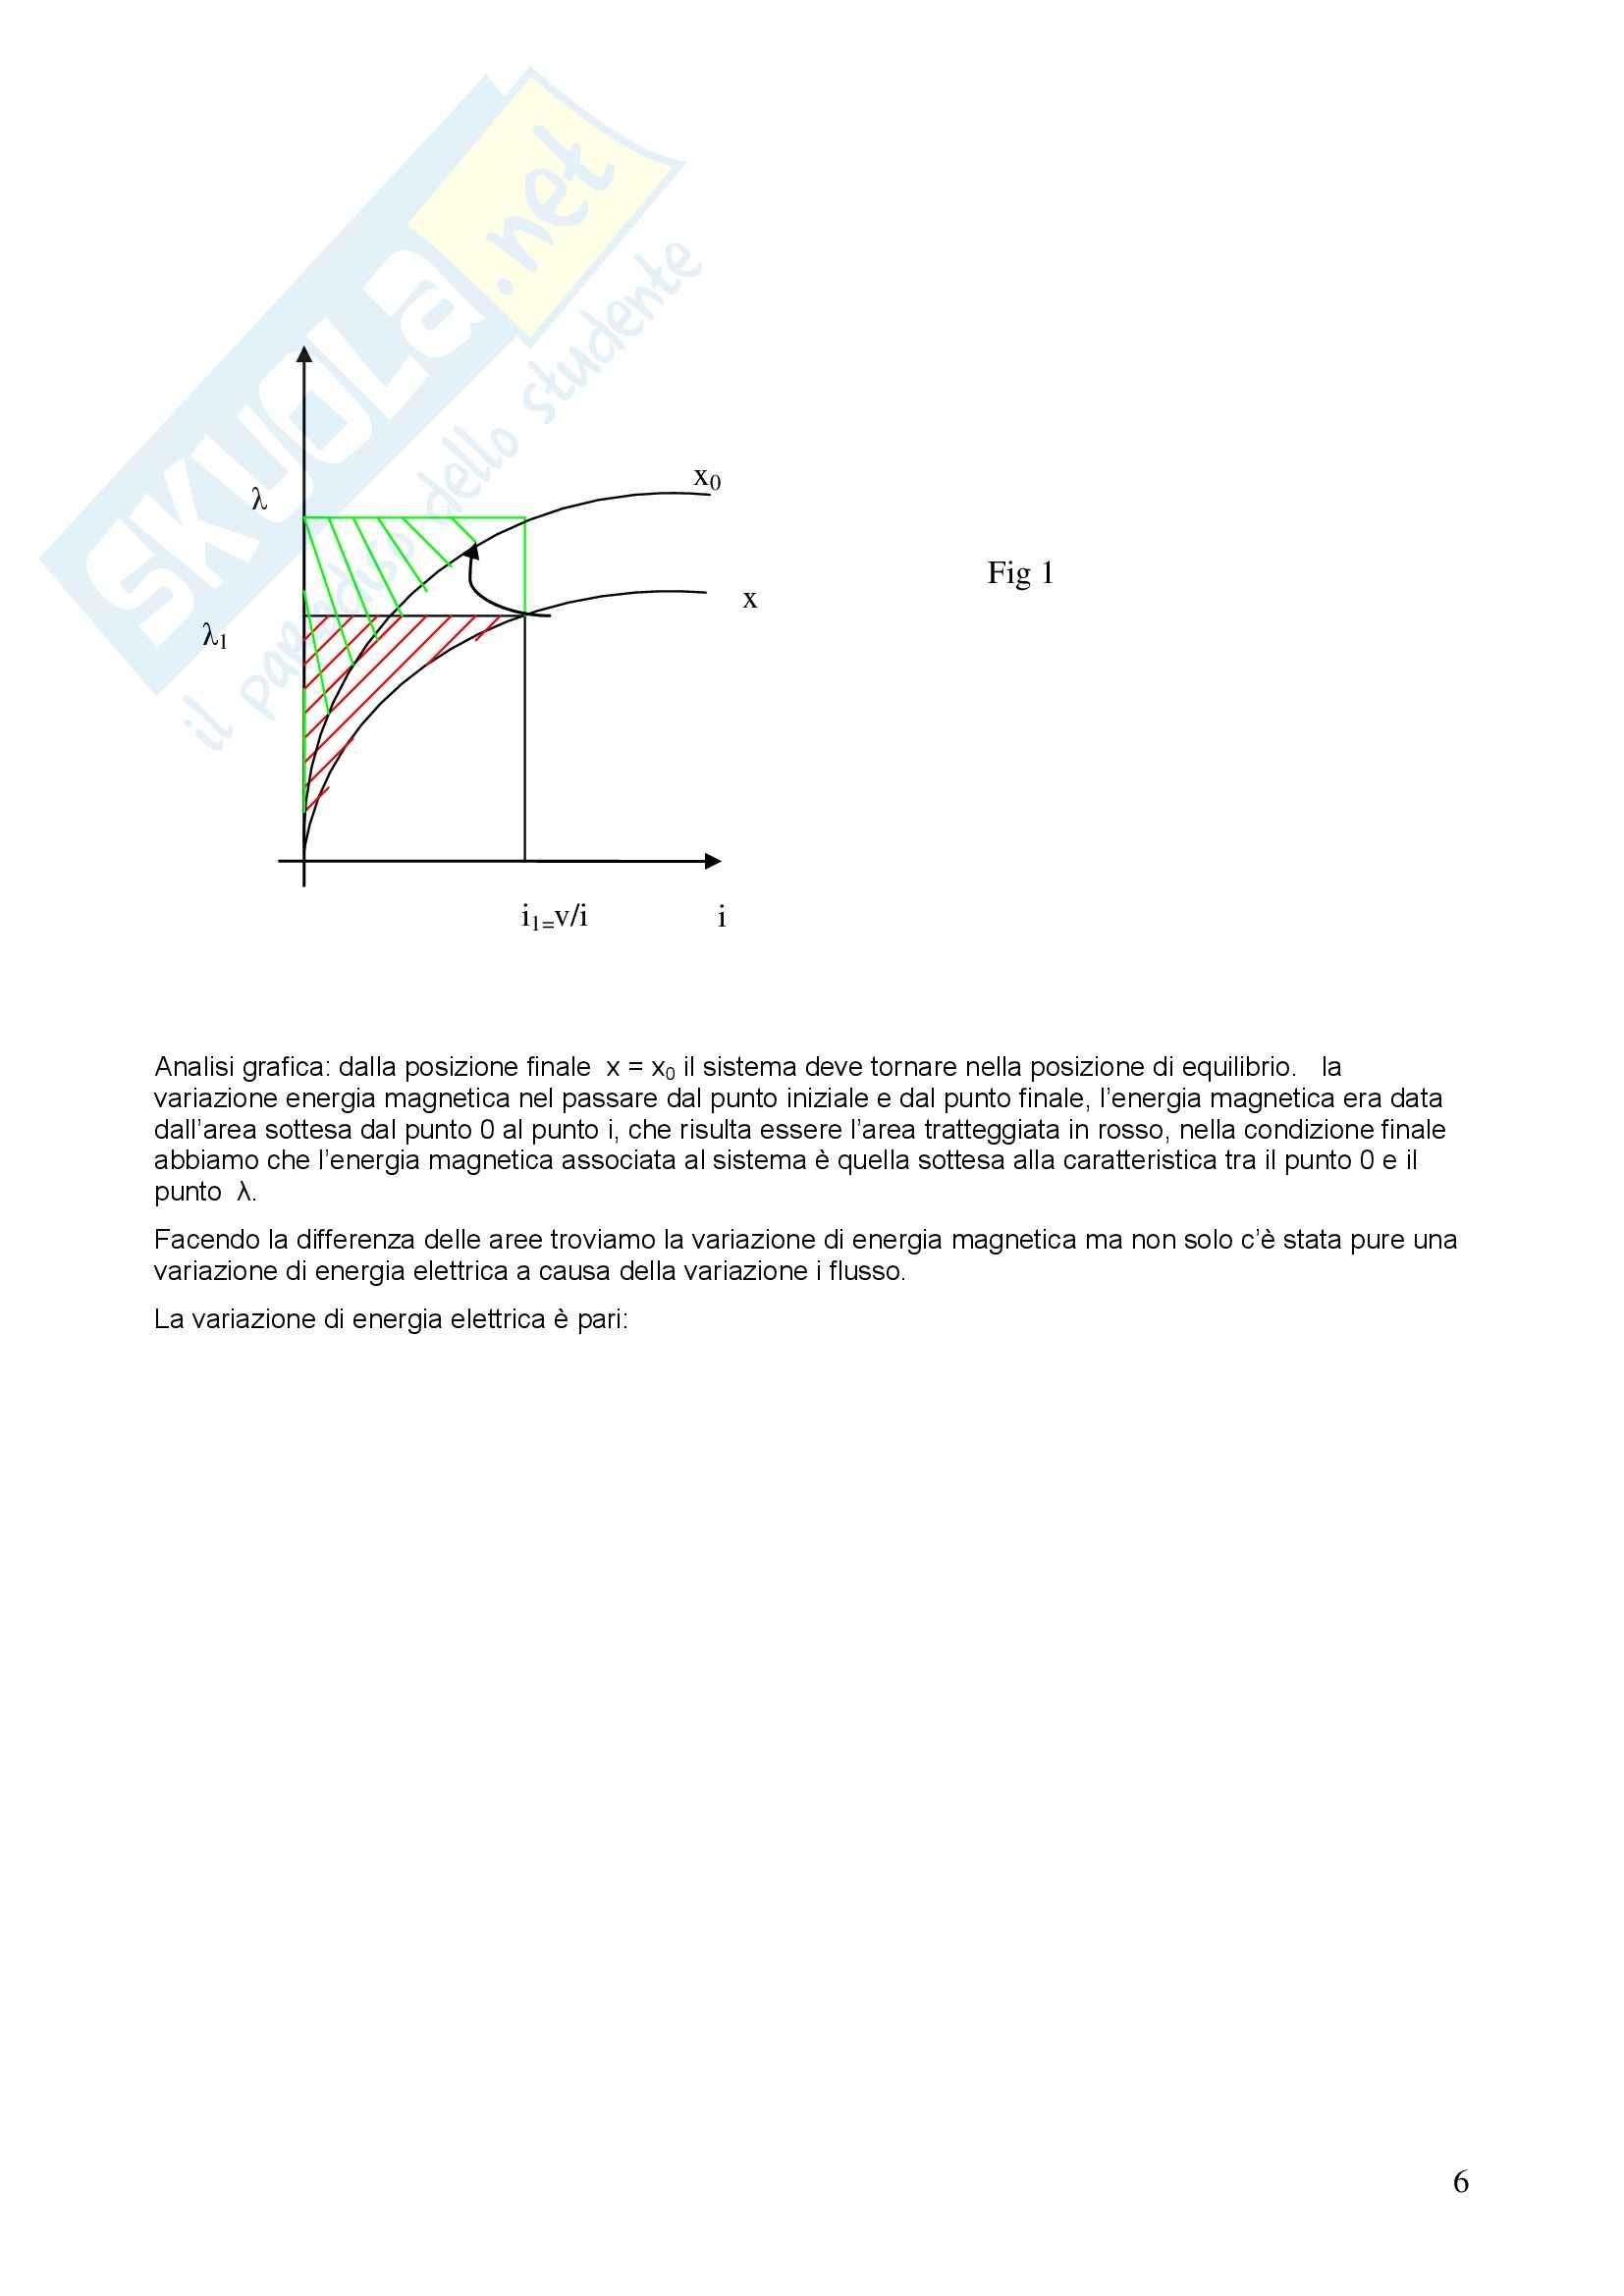 Macchine elettriche Pag. 6